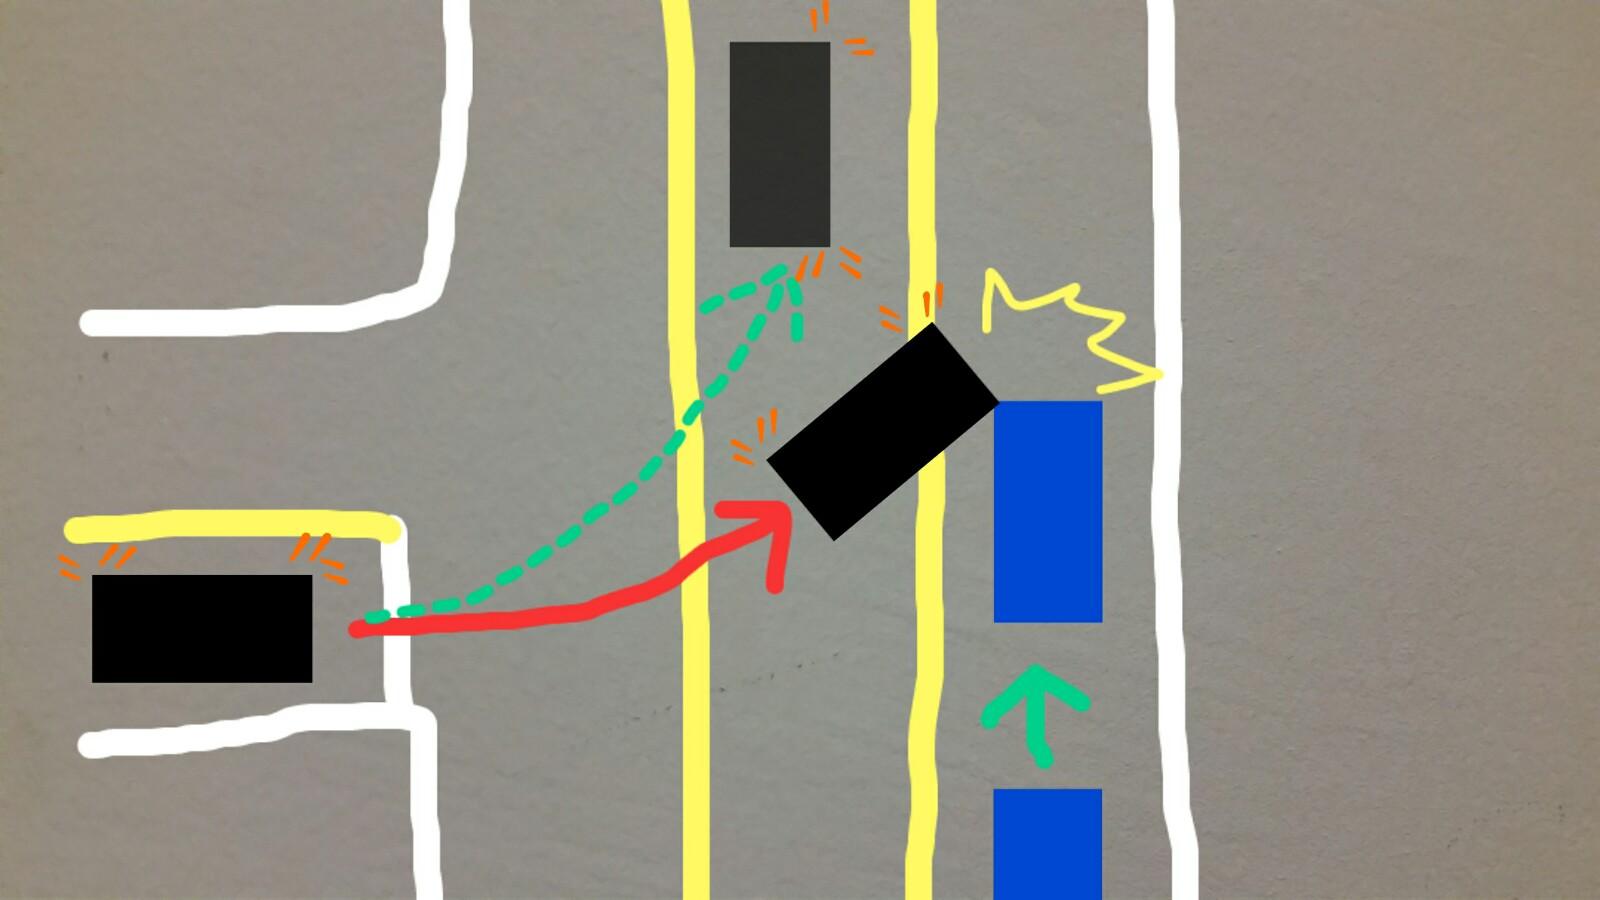 アメリカグアム中央車線センターレーン注意点飛び込み